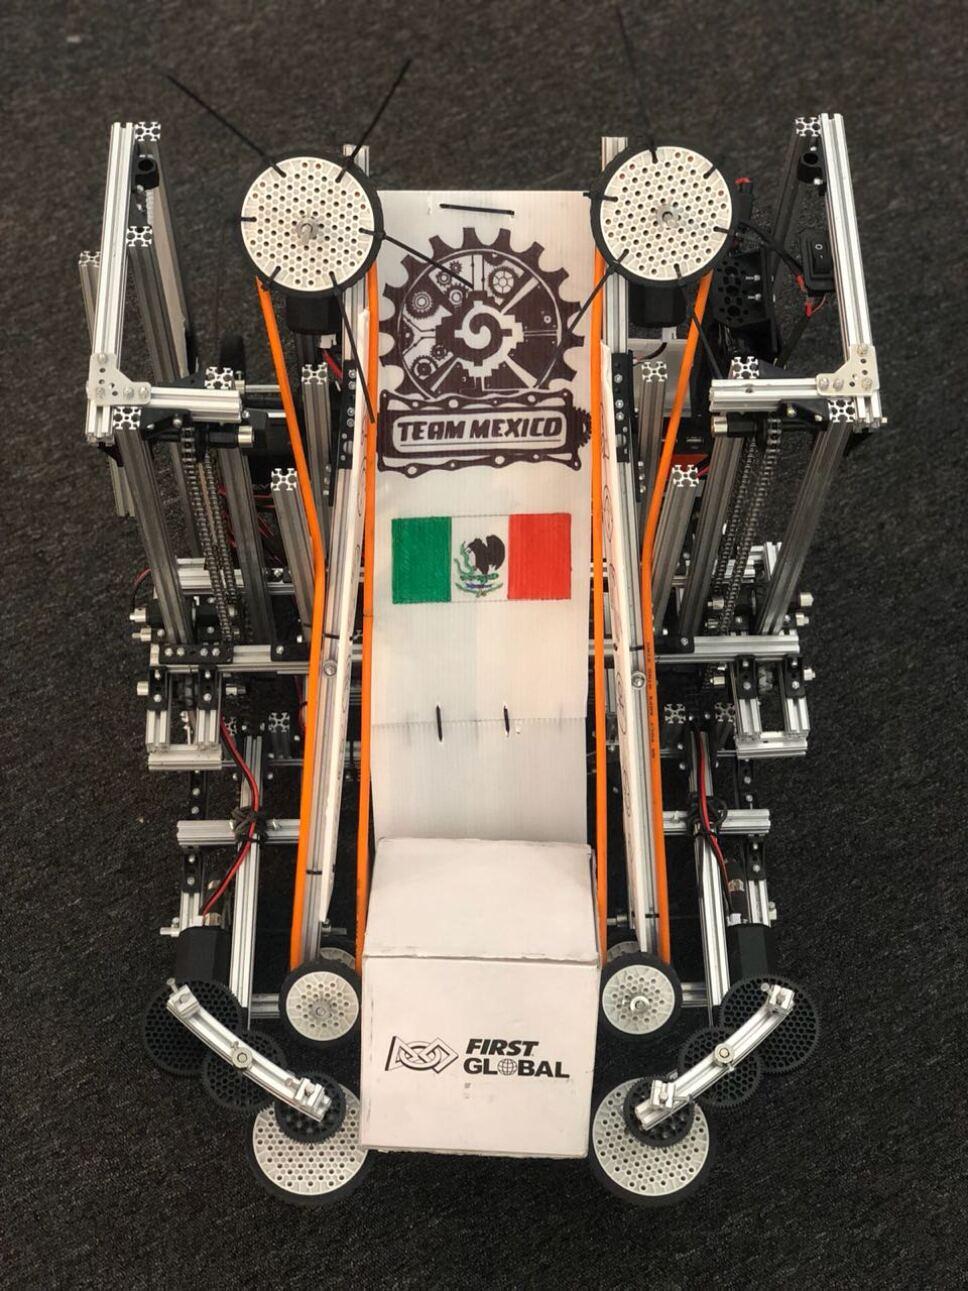 Equipo mexicano de robótica y su robot de competencia